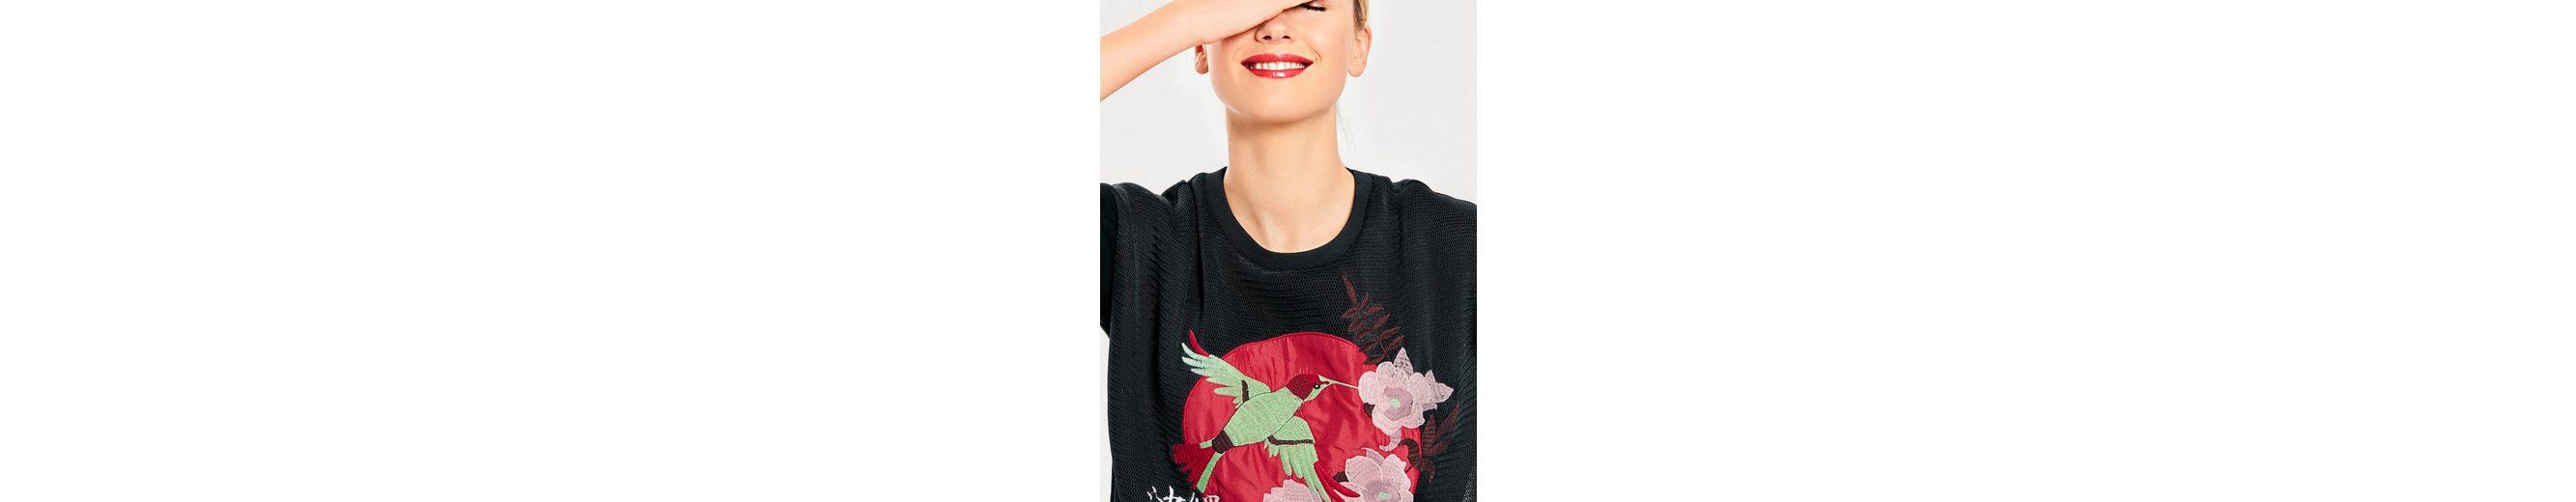 B.C. BEST CONNECTIONS by Heine Sweatshirt mit Stickerei Discounter Verkauf Extrem Online-Shopping Günstigen Preis Vs9MQ